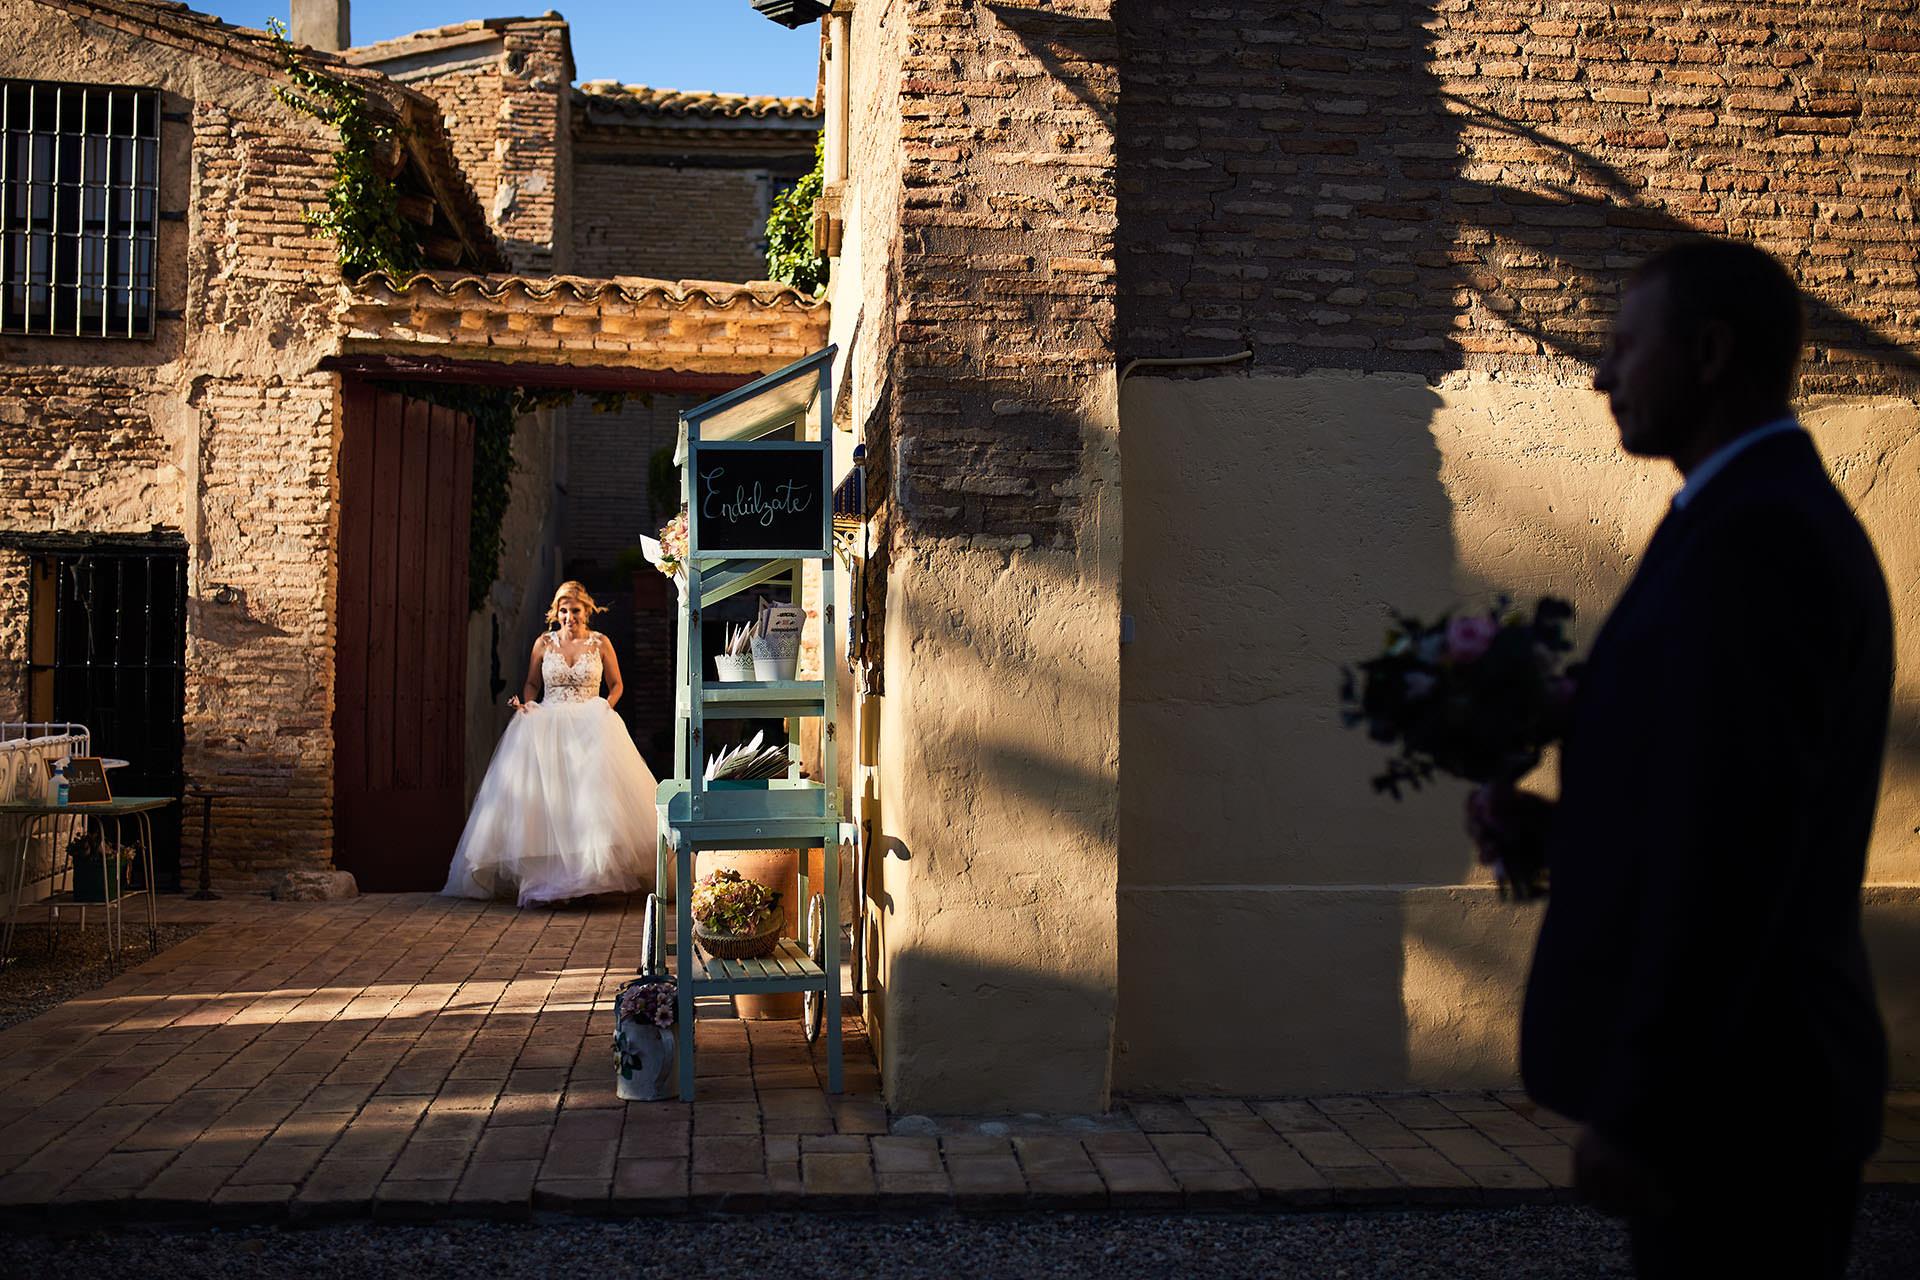 boda Zaragoza torre del pino